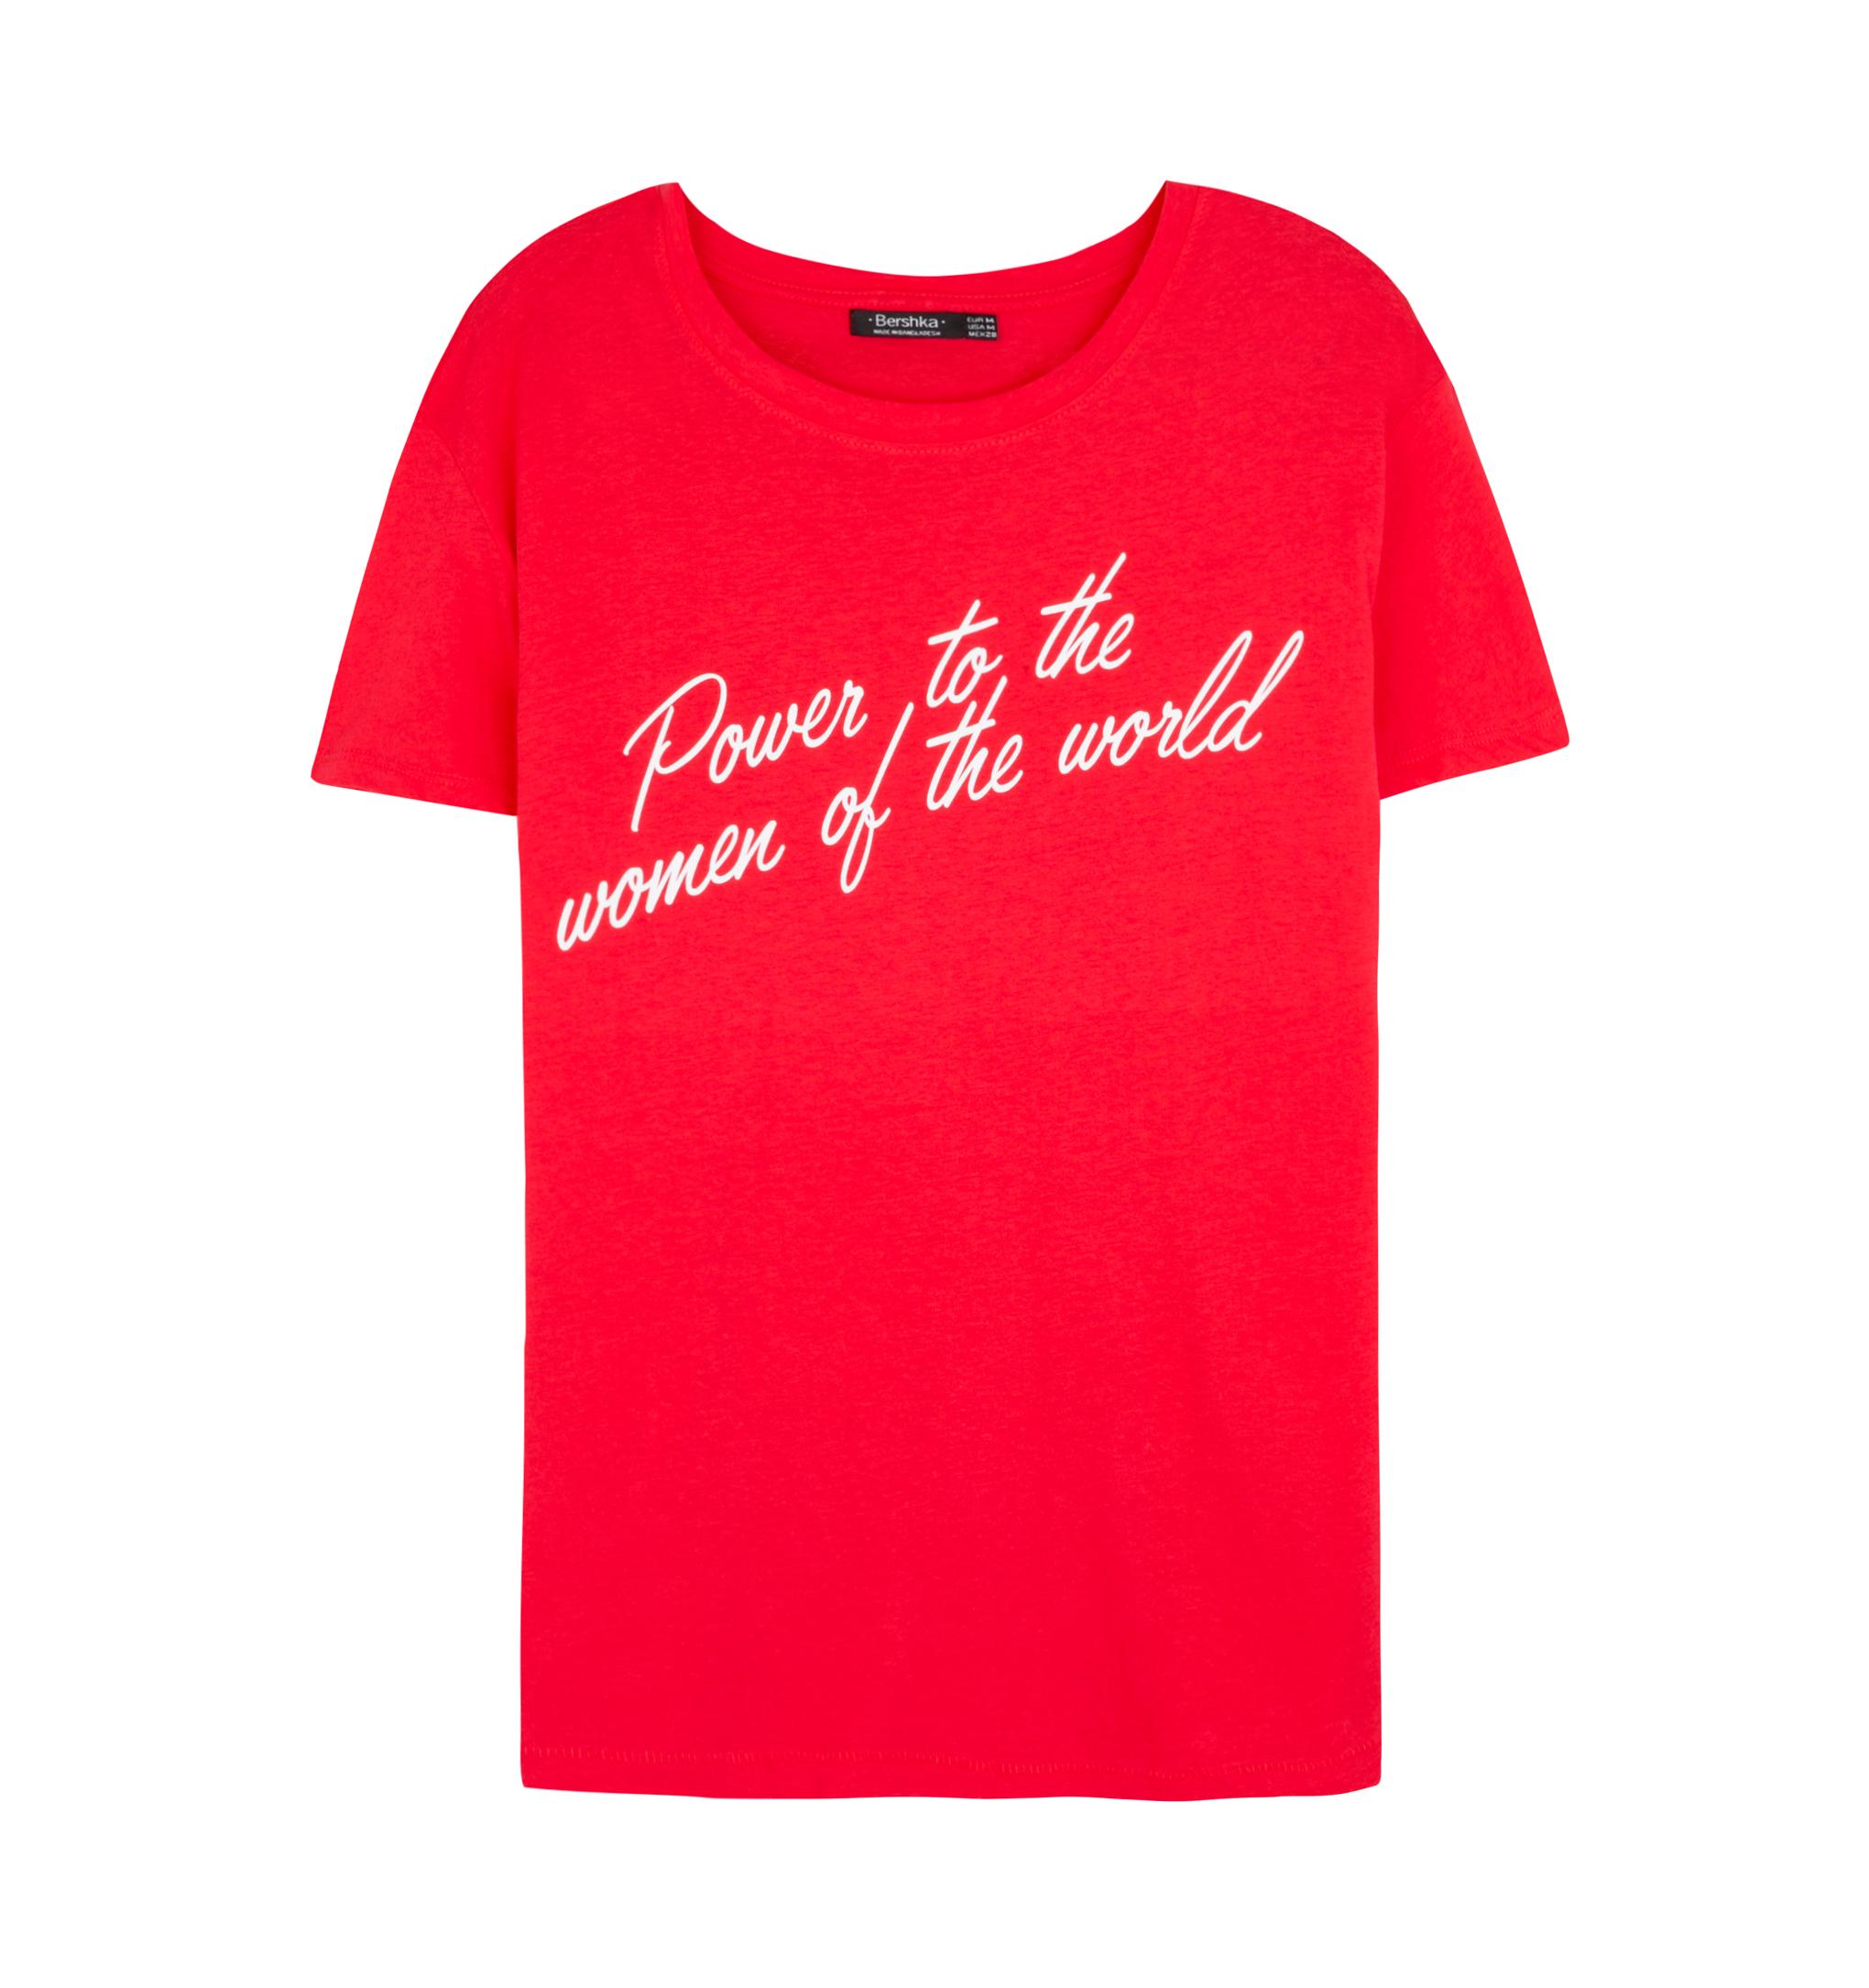 Camiseta de Bershka (4,99 euros).